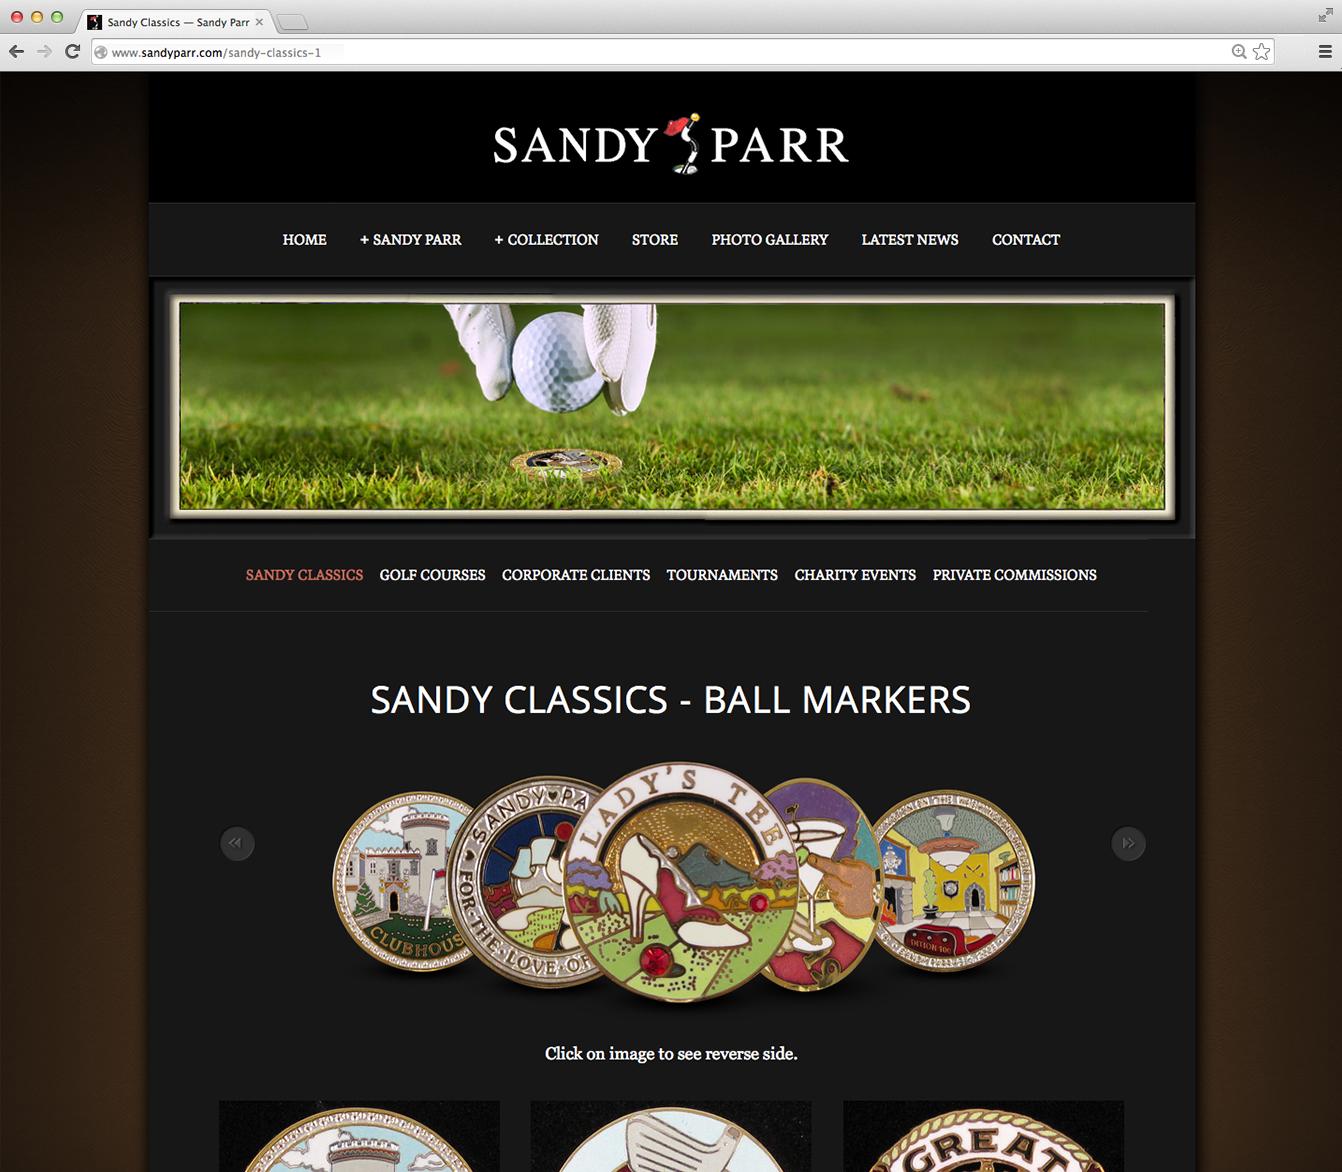 Sandy Parr